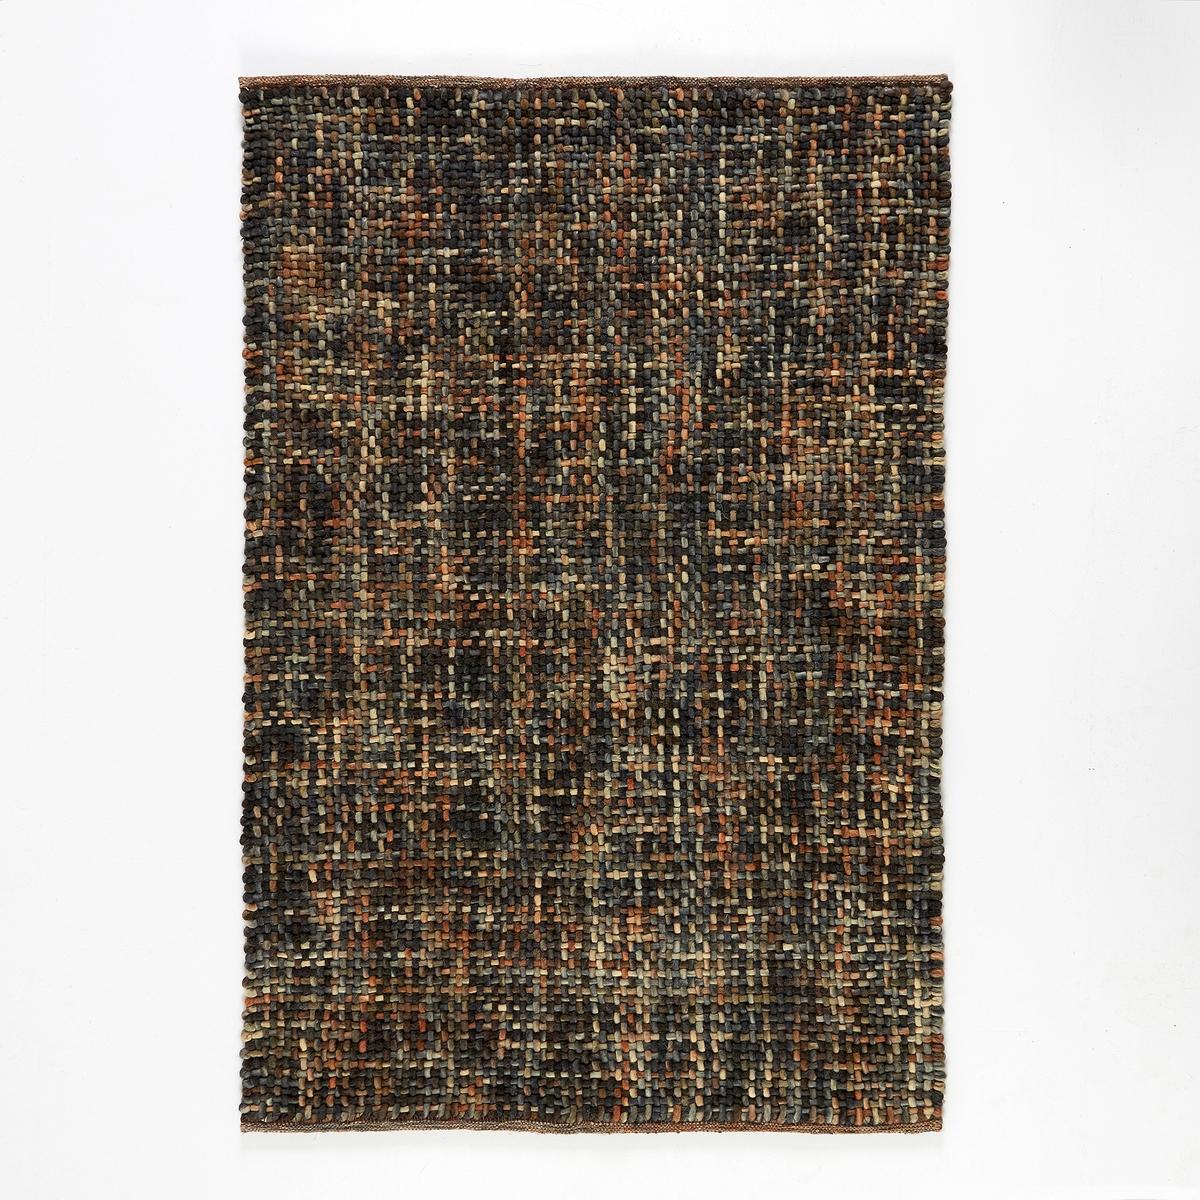 Ковер, сотканный вручную из шерсти Mutanya ручное зубило persian